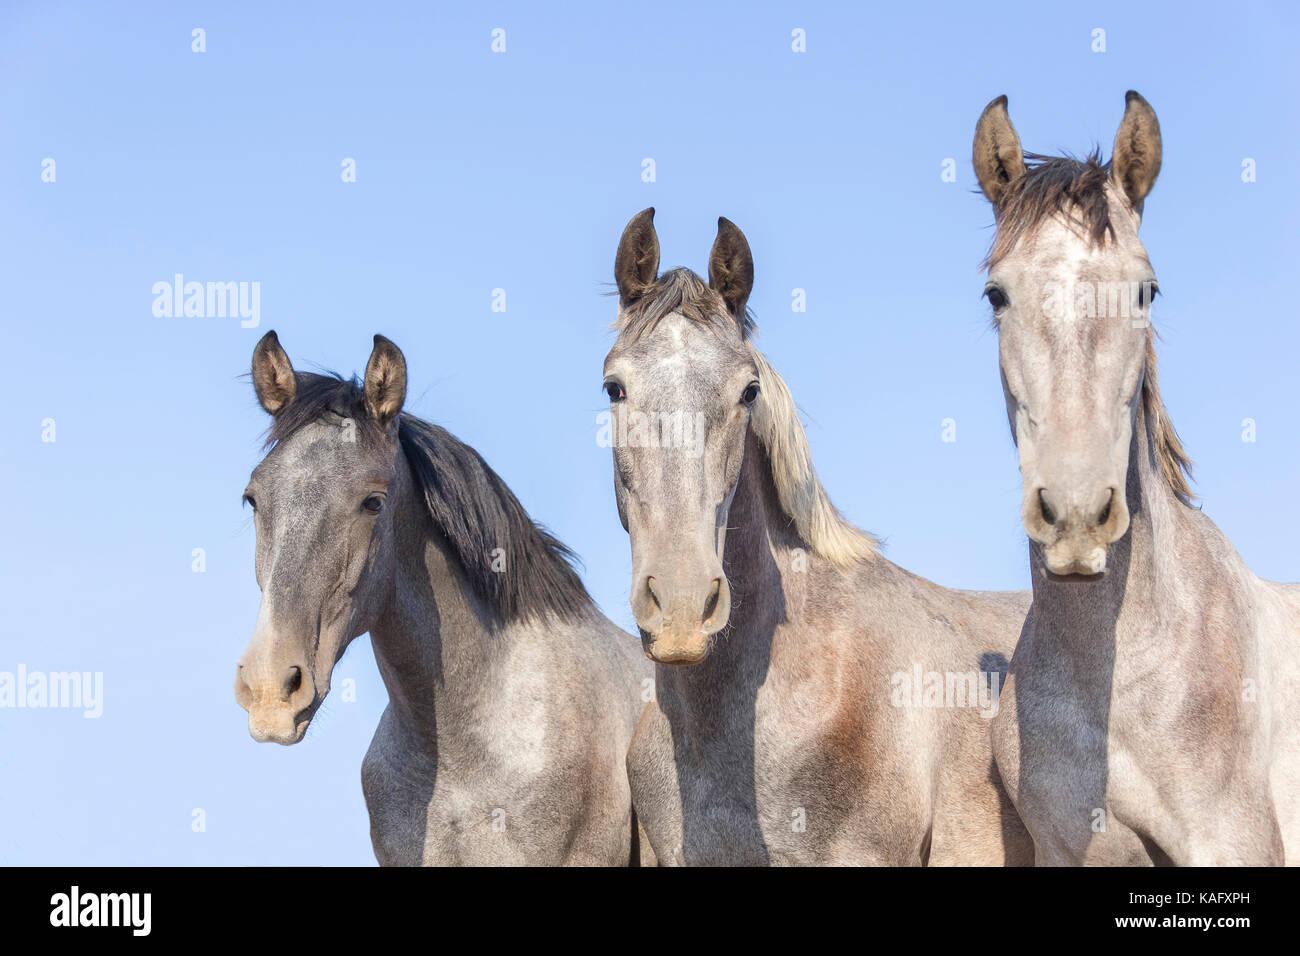 Puro Cavallo Spagnolo andaluso. Ritratto di tre capretti stalloni su un pascolo. Spagna Immagini Stock